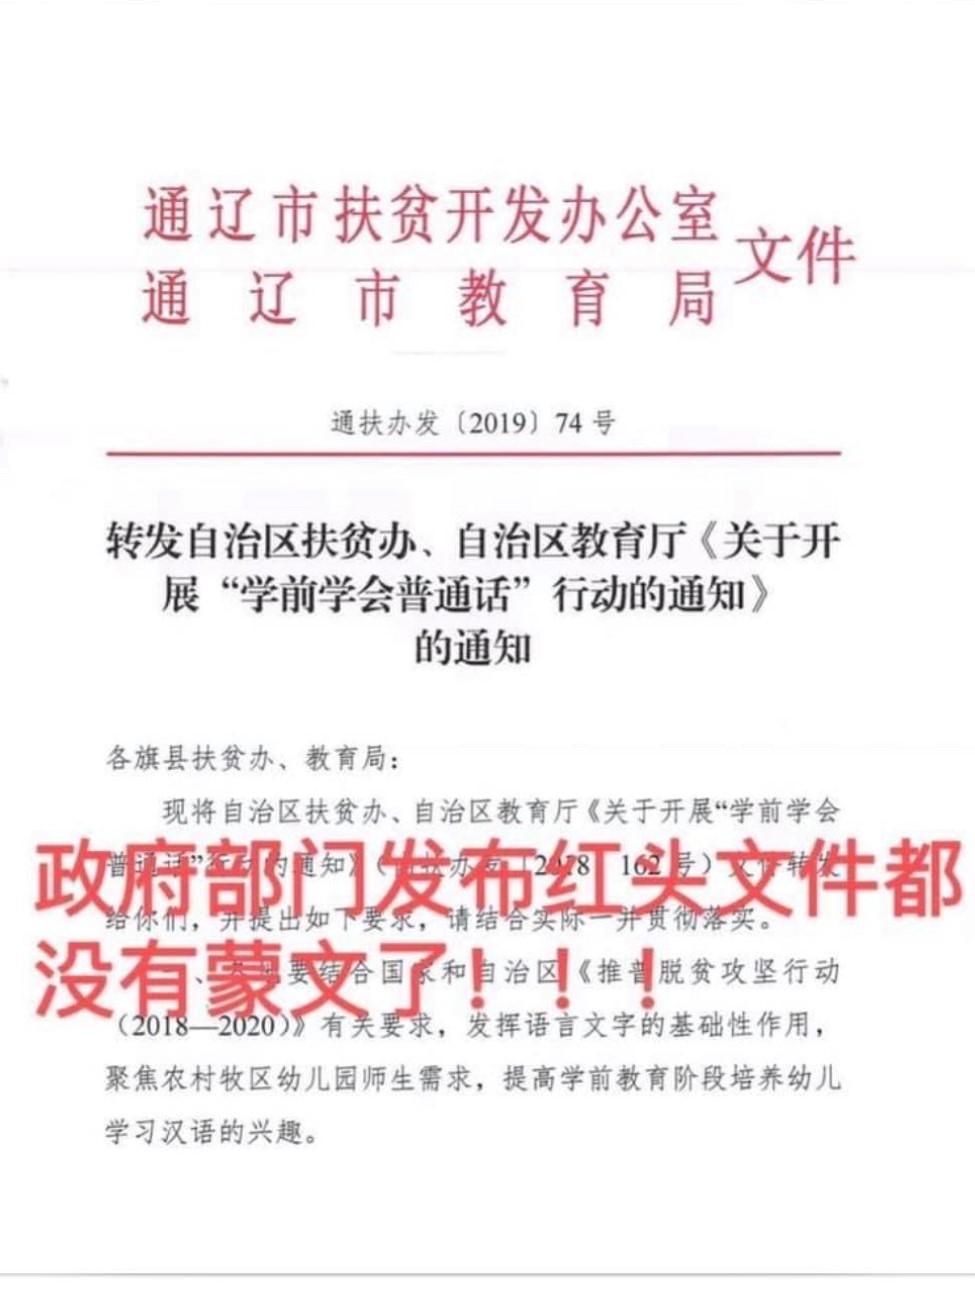 通辽市政府教育局通知,学前教育要汉语。(网络图片/乔龙提供)